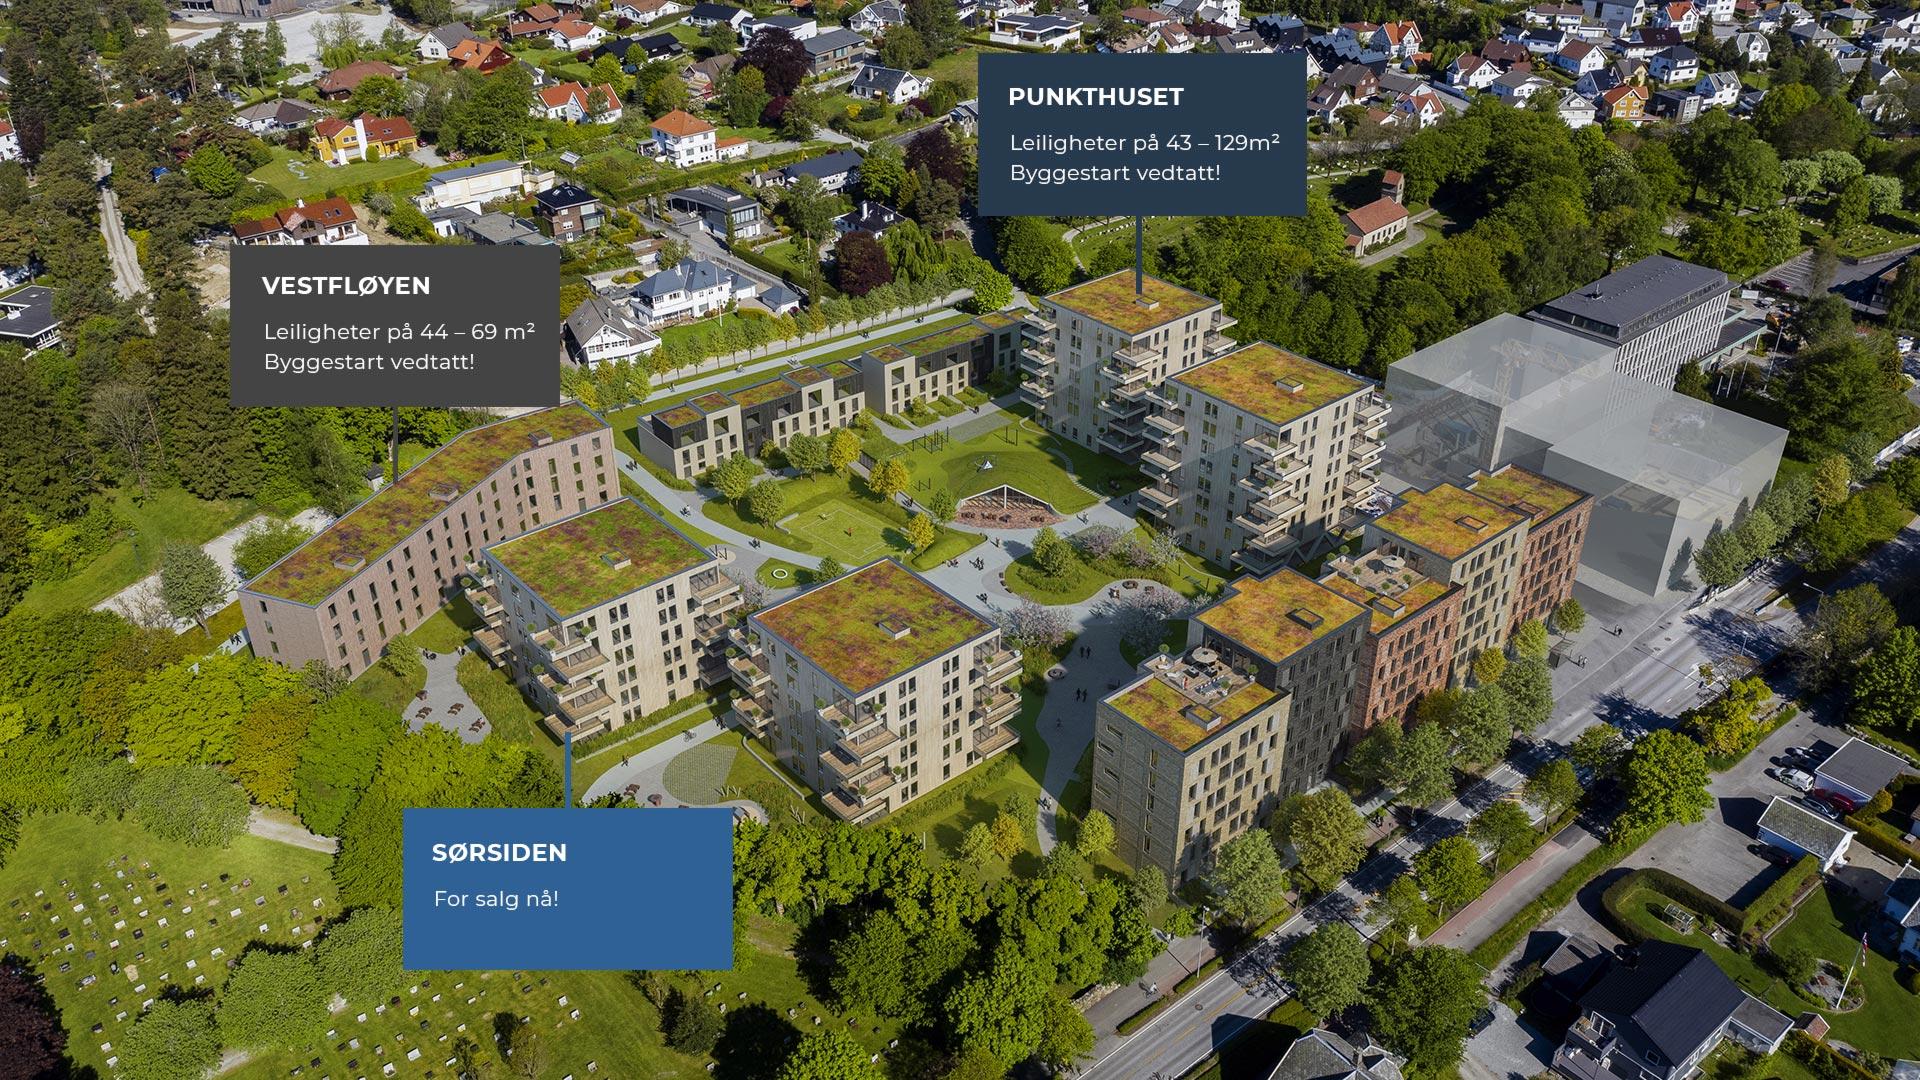 Flyfoto med 3D-illusrtasjon av Rådhusmarka